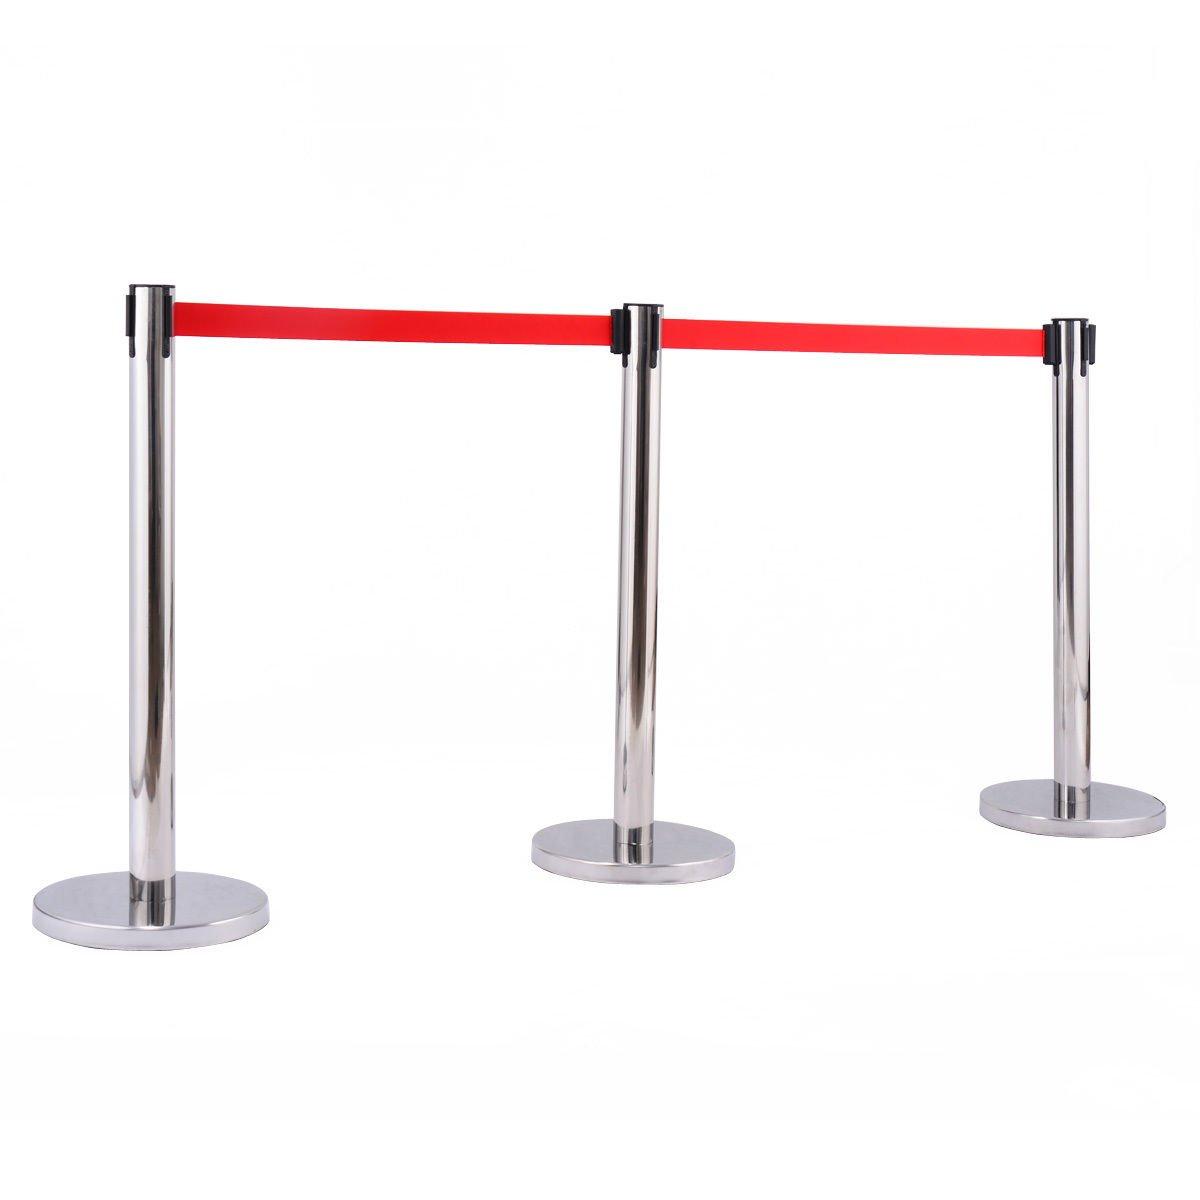 6 Pcs. Belt Retractable Crowd Control Stanchion Barrier Posts Queue Pole, Red by Alek...Shop (Image #4)